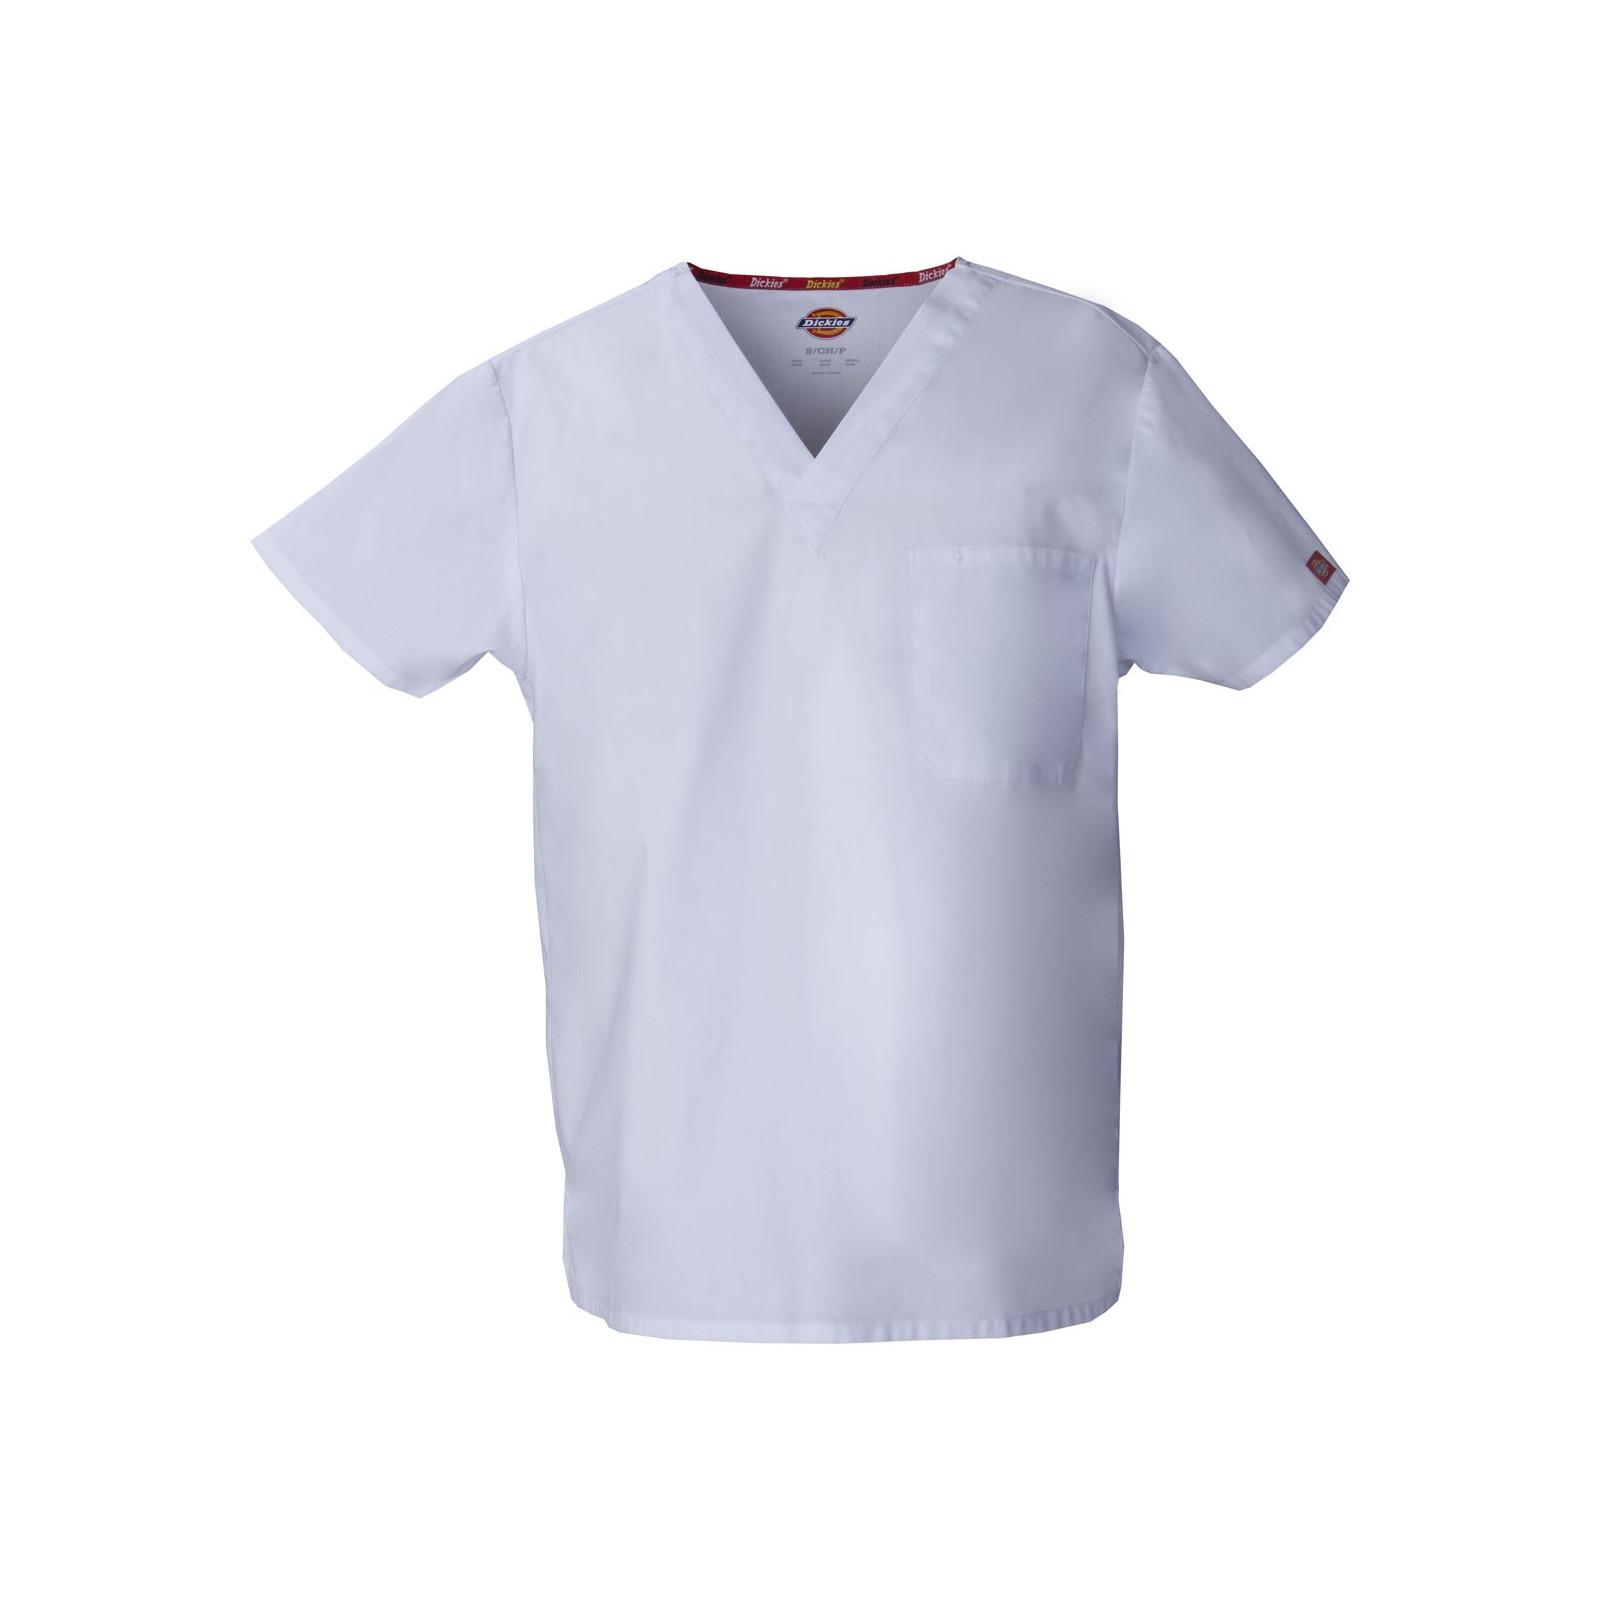 """Blouse médicale Homme, Dickies, poche cœur, Collection """"EDS signature"""" (83706), couleur blanc, vue produit"""